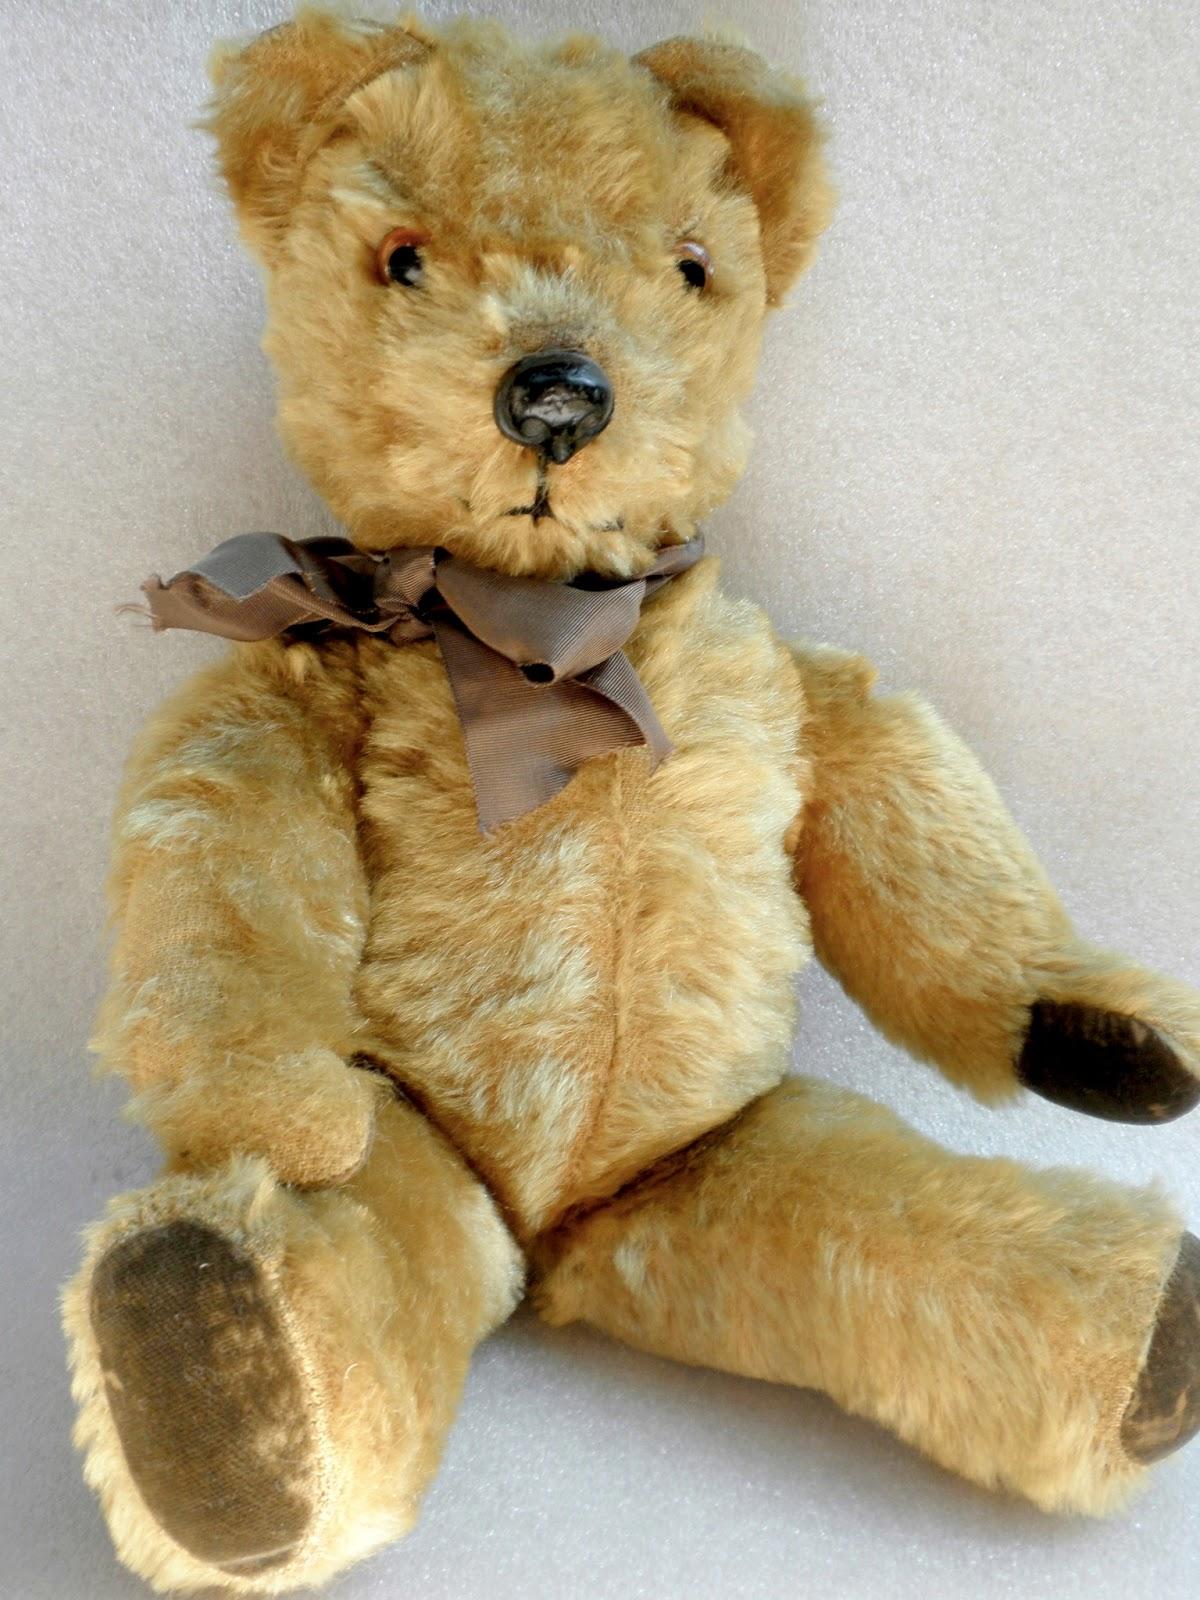 Glossary Of Teddy Bear Terms